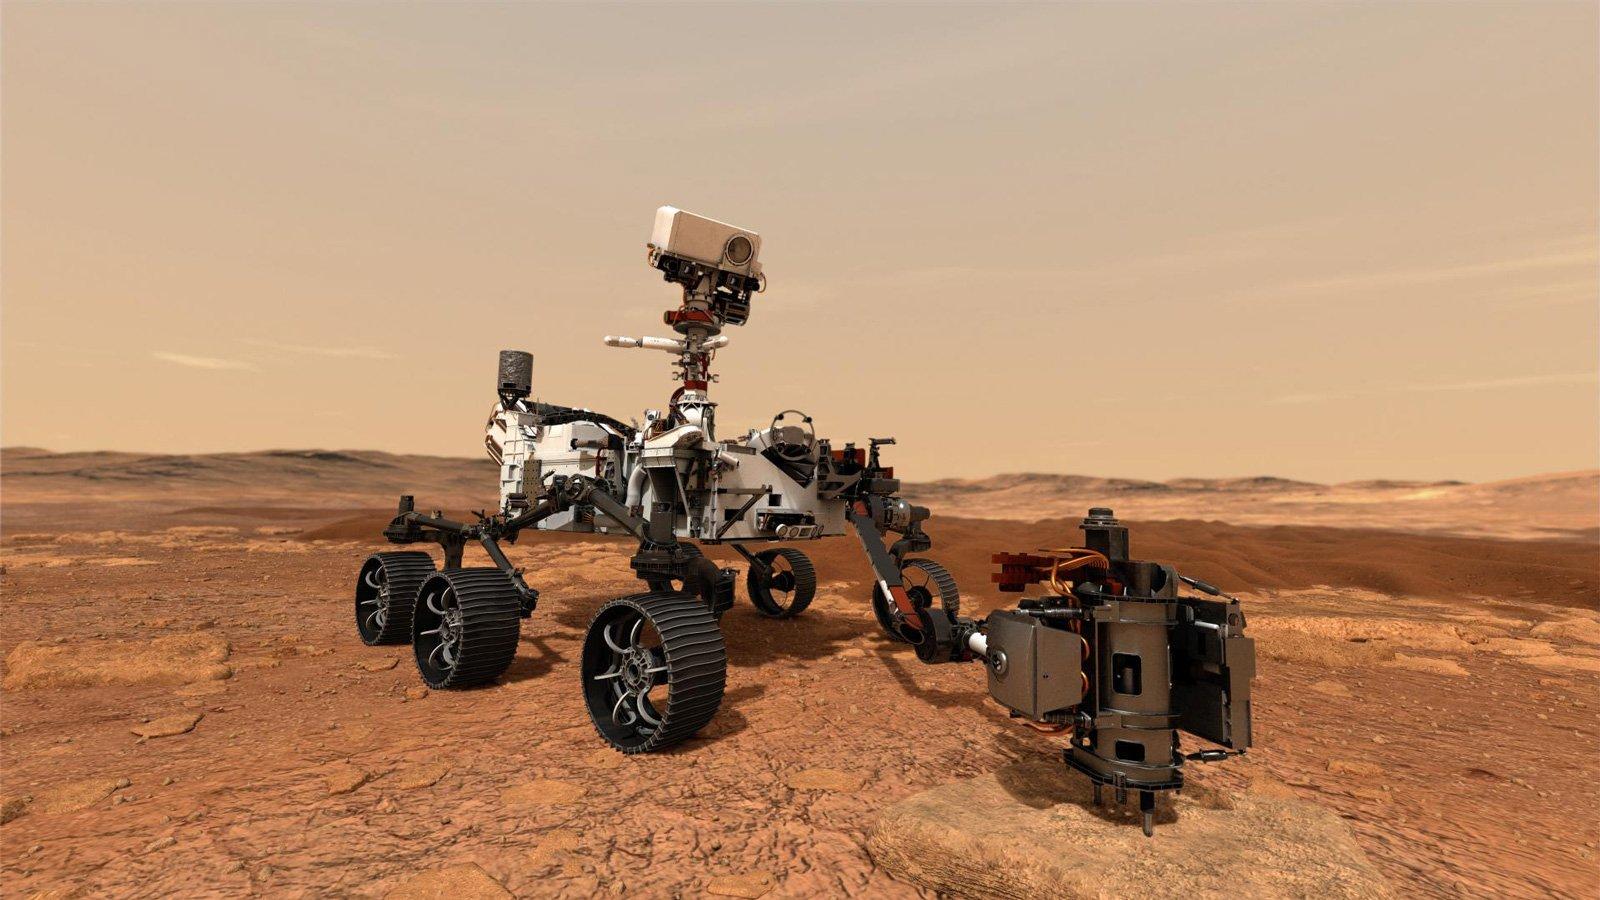 Perseverance (Tür. azim) olarak bilinen keşif aracı, Mars'ta yaşanabilir ortamların işaretlerini ararken, geçmişteki mikrobiyal yaşamın da izlerini araştıracak. Robotik gezgin, gelecekteki bir görevle Dünya'ya getirilebilecek olan bir dizi numune de toplayacak. Araba büyüklüğündeki bu uzay aracı, yaklaşık 3 metre uzunluğunda (kolu hariç) 2.7 metre genişliğinde ve 2.2 metre yüksekliğinde. 1.050 kilogram ağırlığa sahip Perseverance, küçük bir arabadan daha hafif.